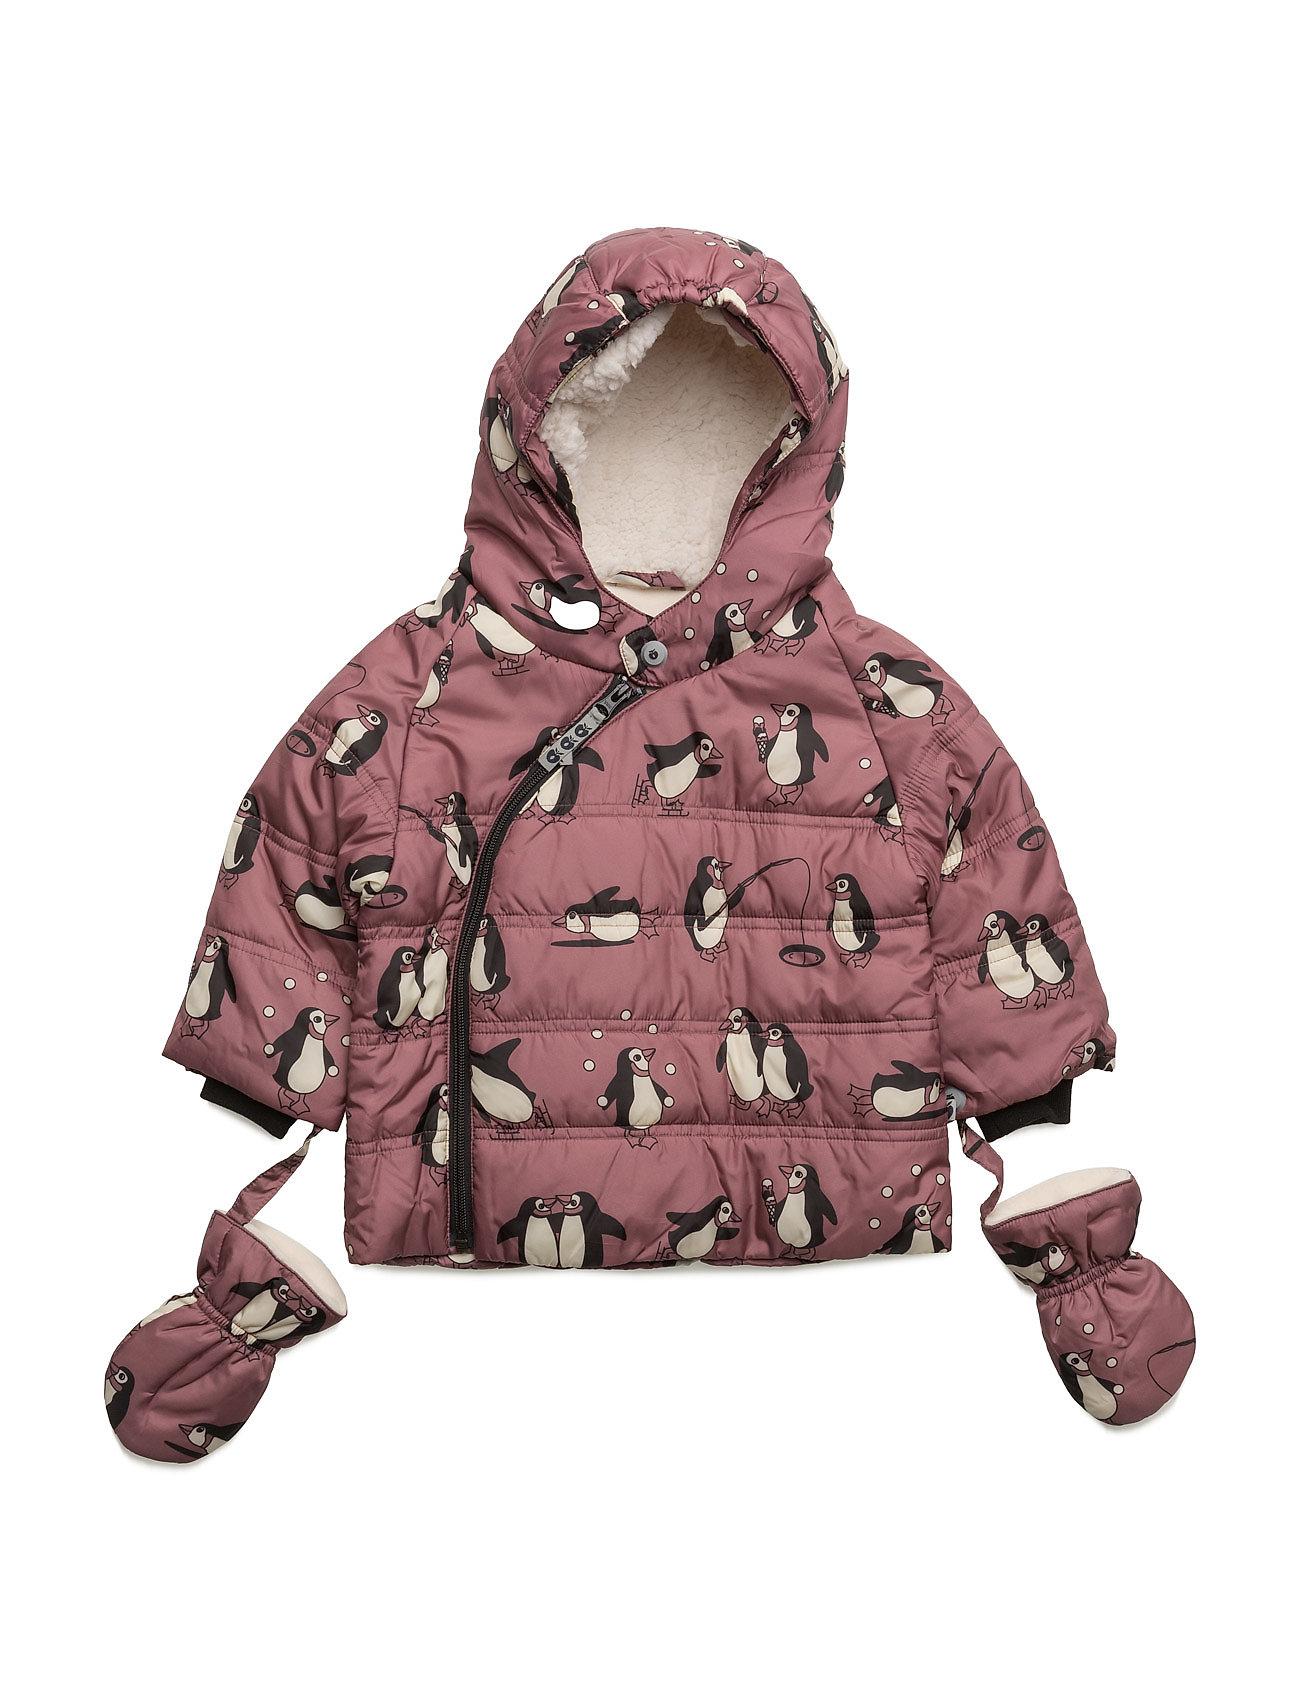 Winter Jacket SmÂfolk Jakker & Frakker til Børn i Mesa Rose